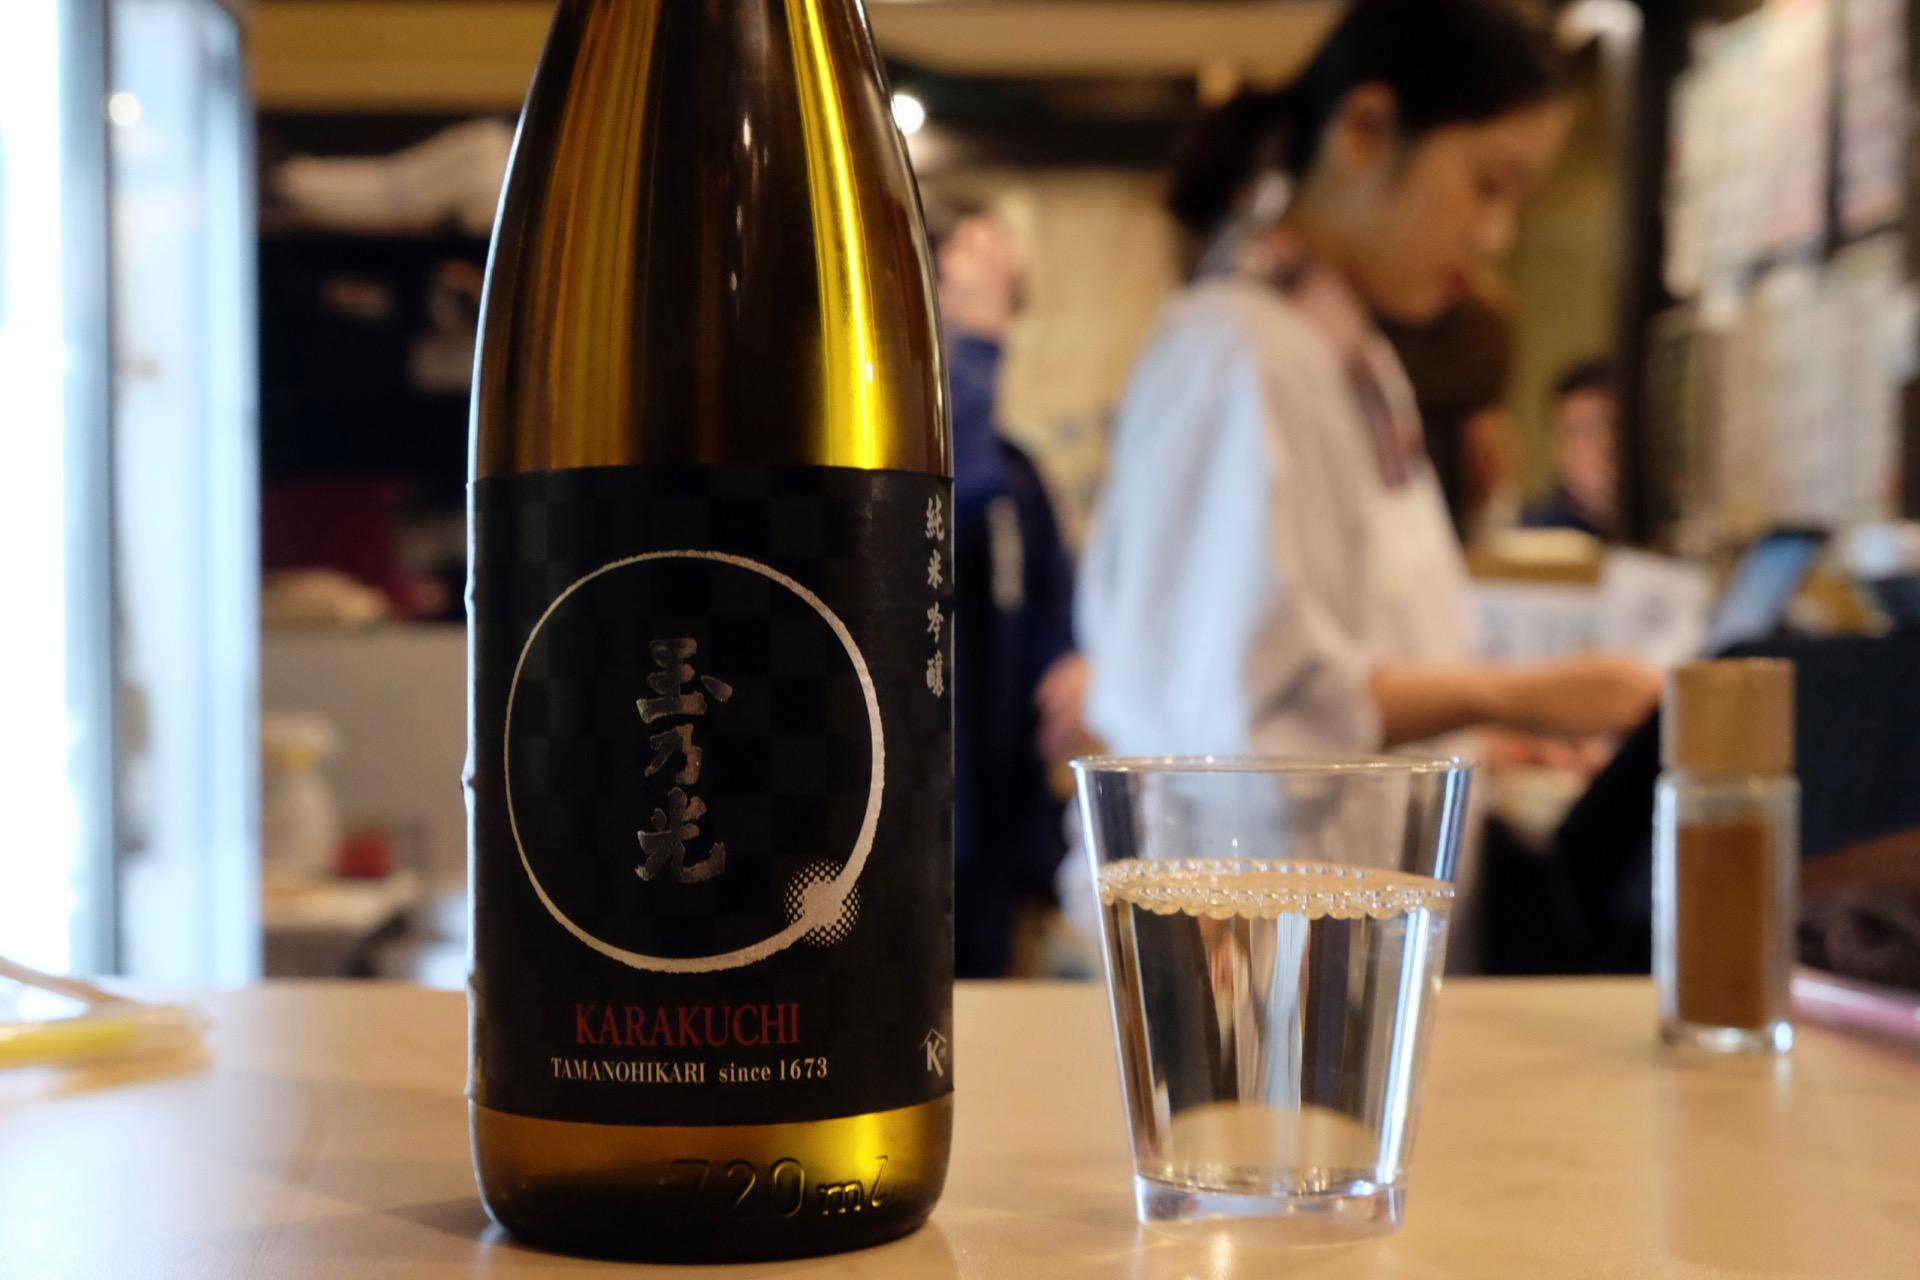 玉乃光 純米吟醸 KARAKUCHI|日本酒テイスティングノート